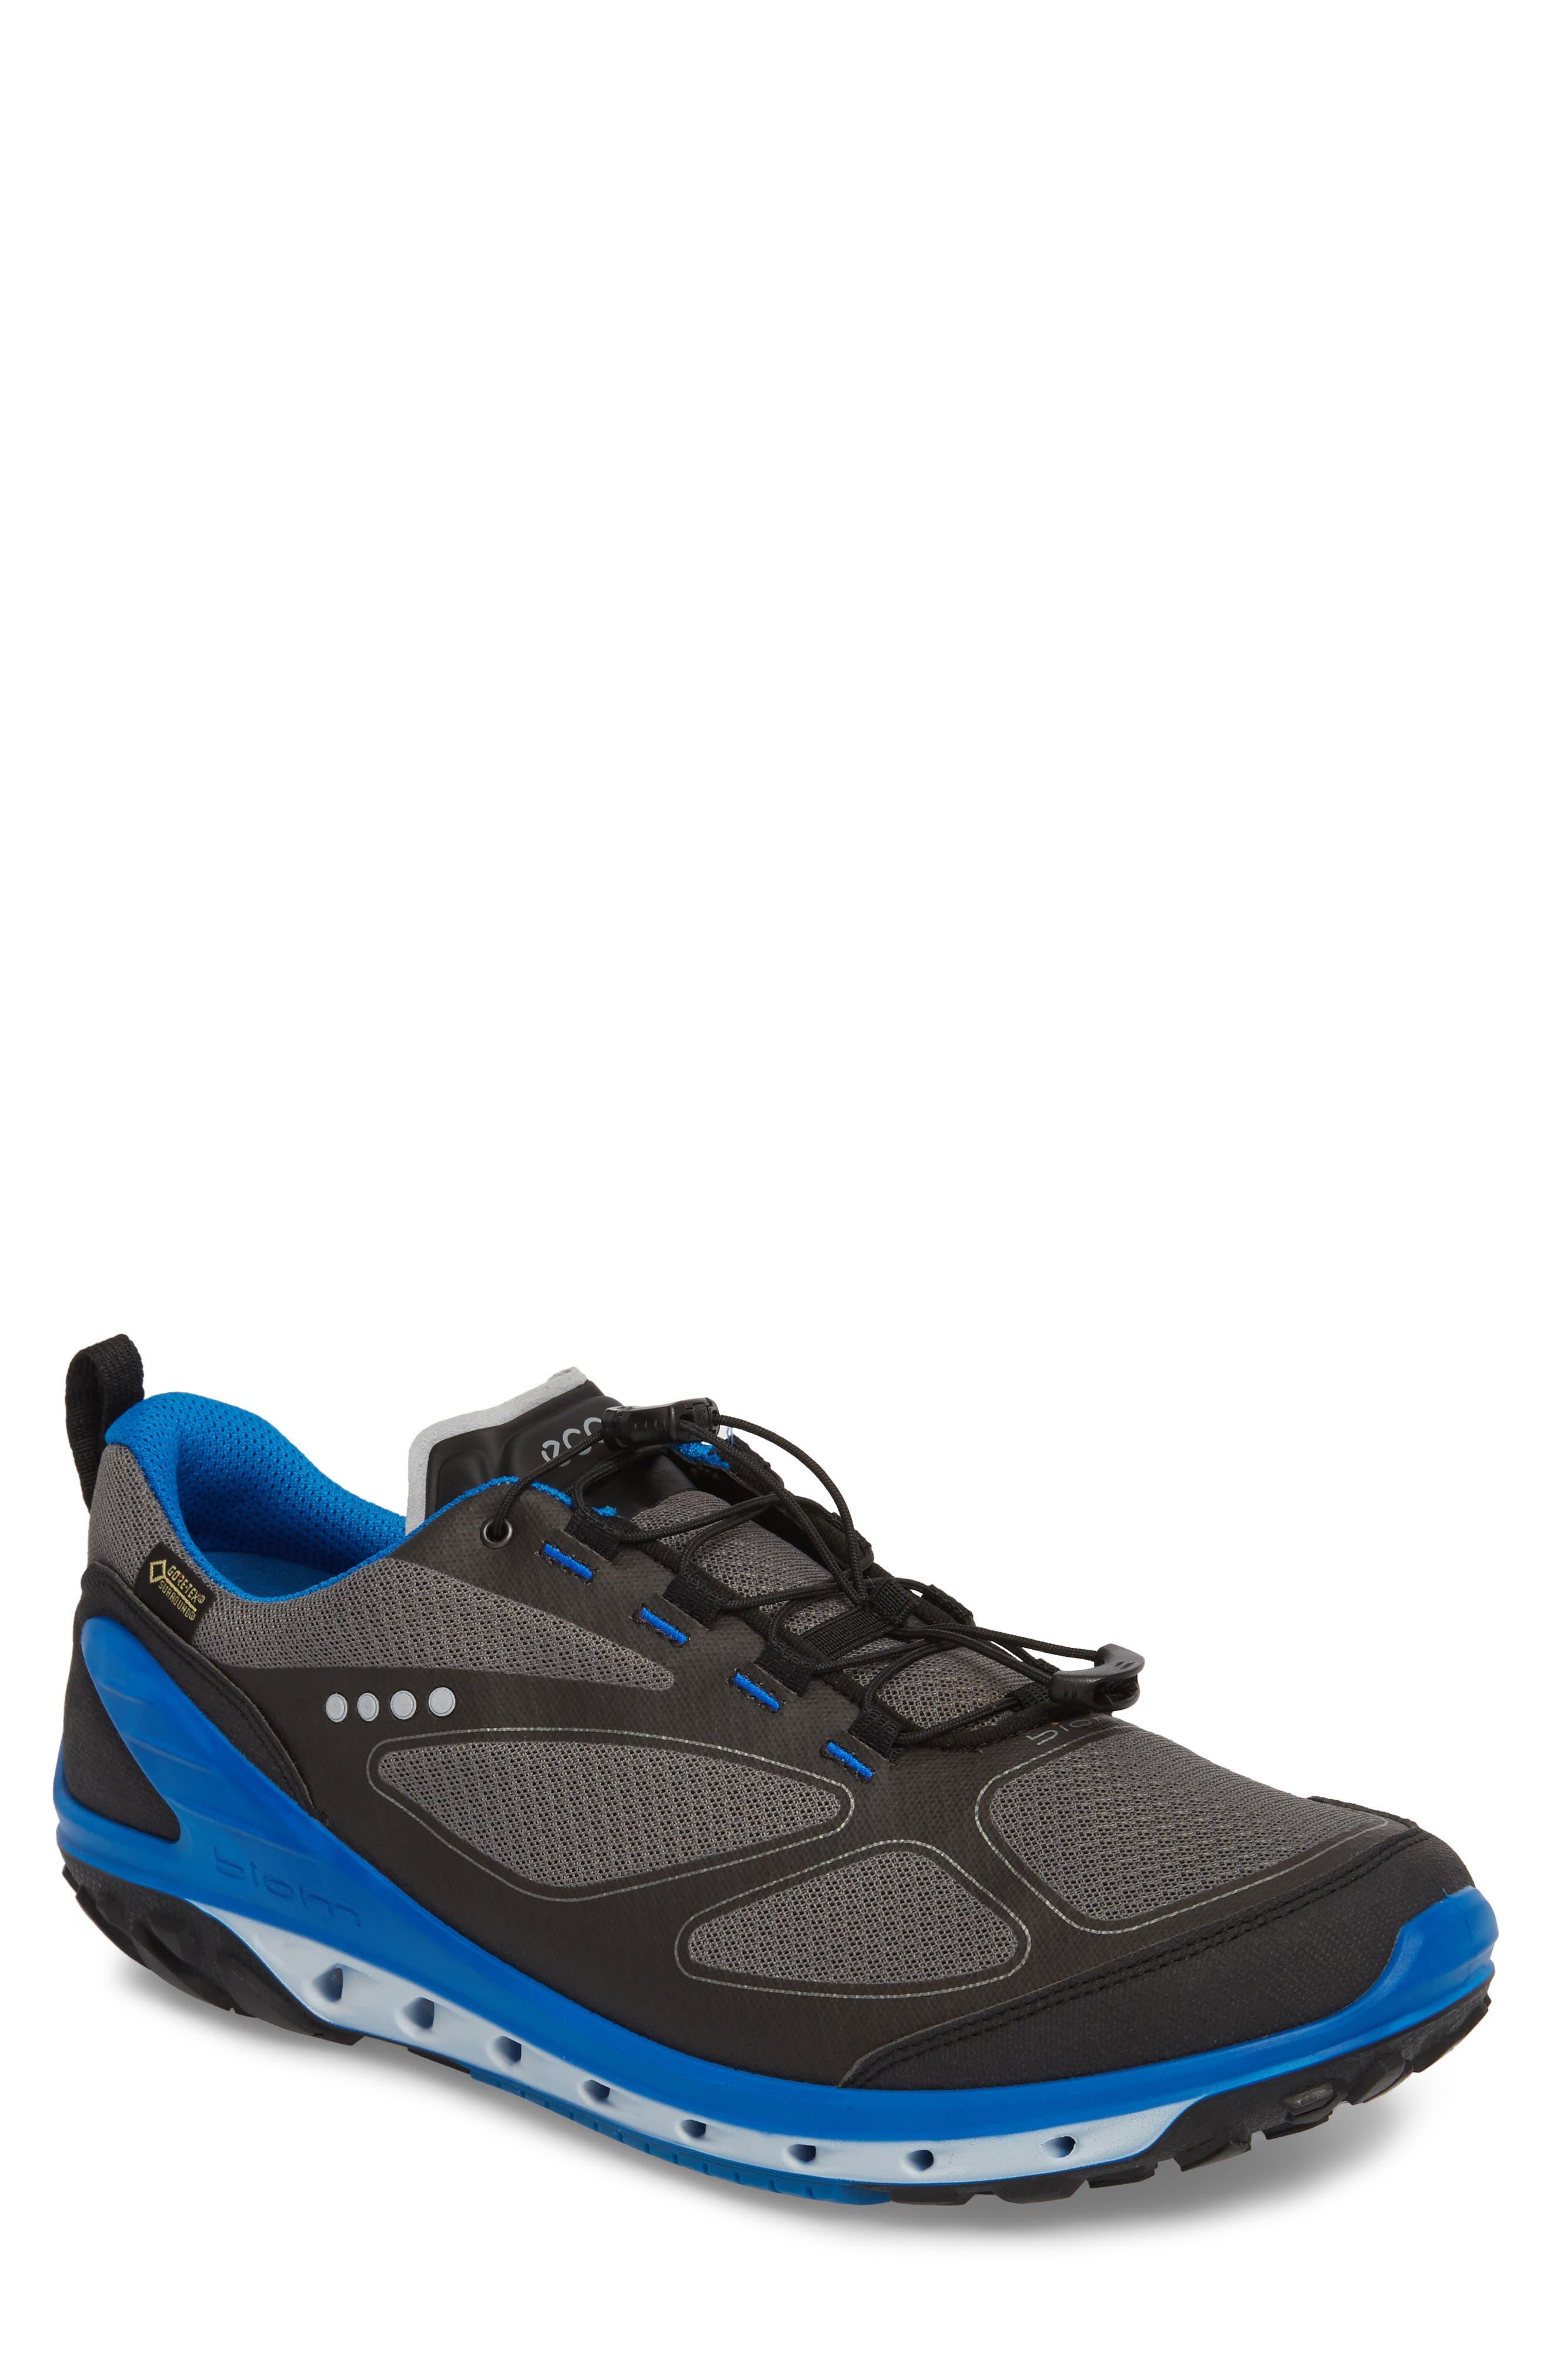 ECCO BIOM Venture GTX Sneaker, Main, color, 062